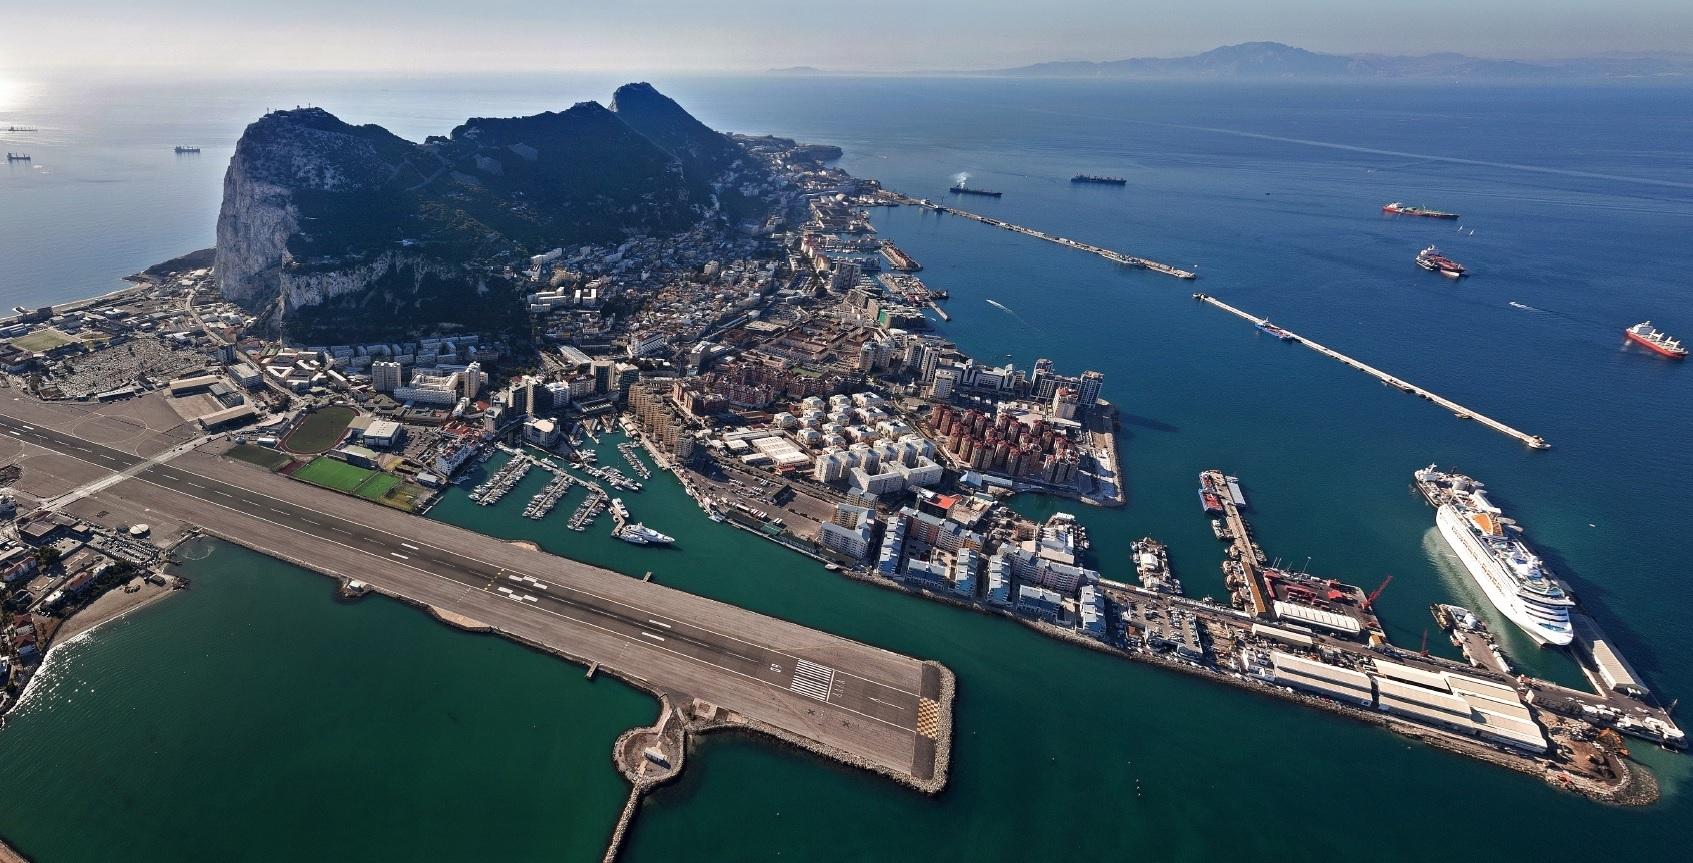 The_Port_of_Gibraltar.jpg